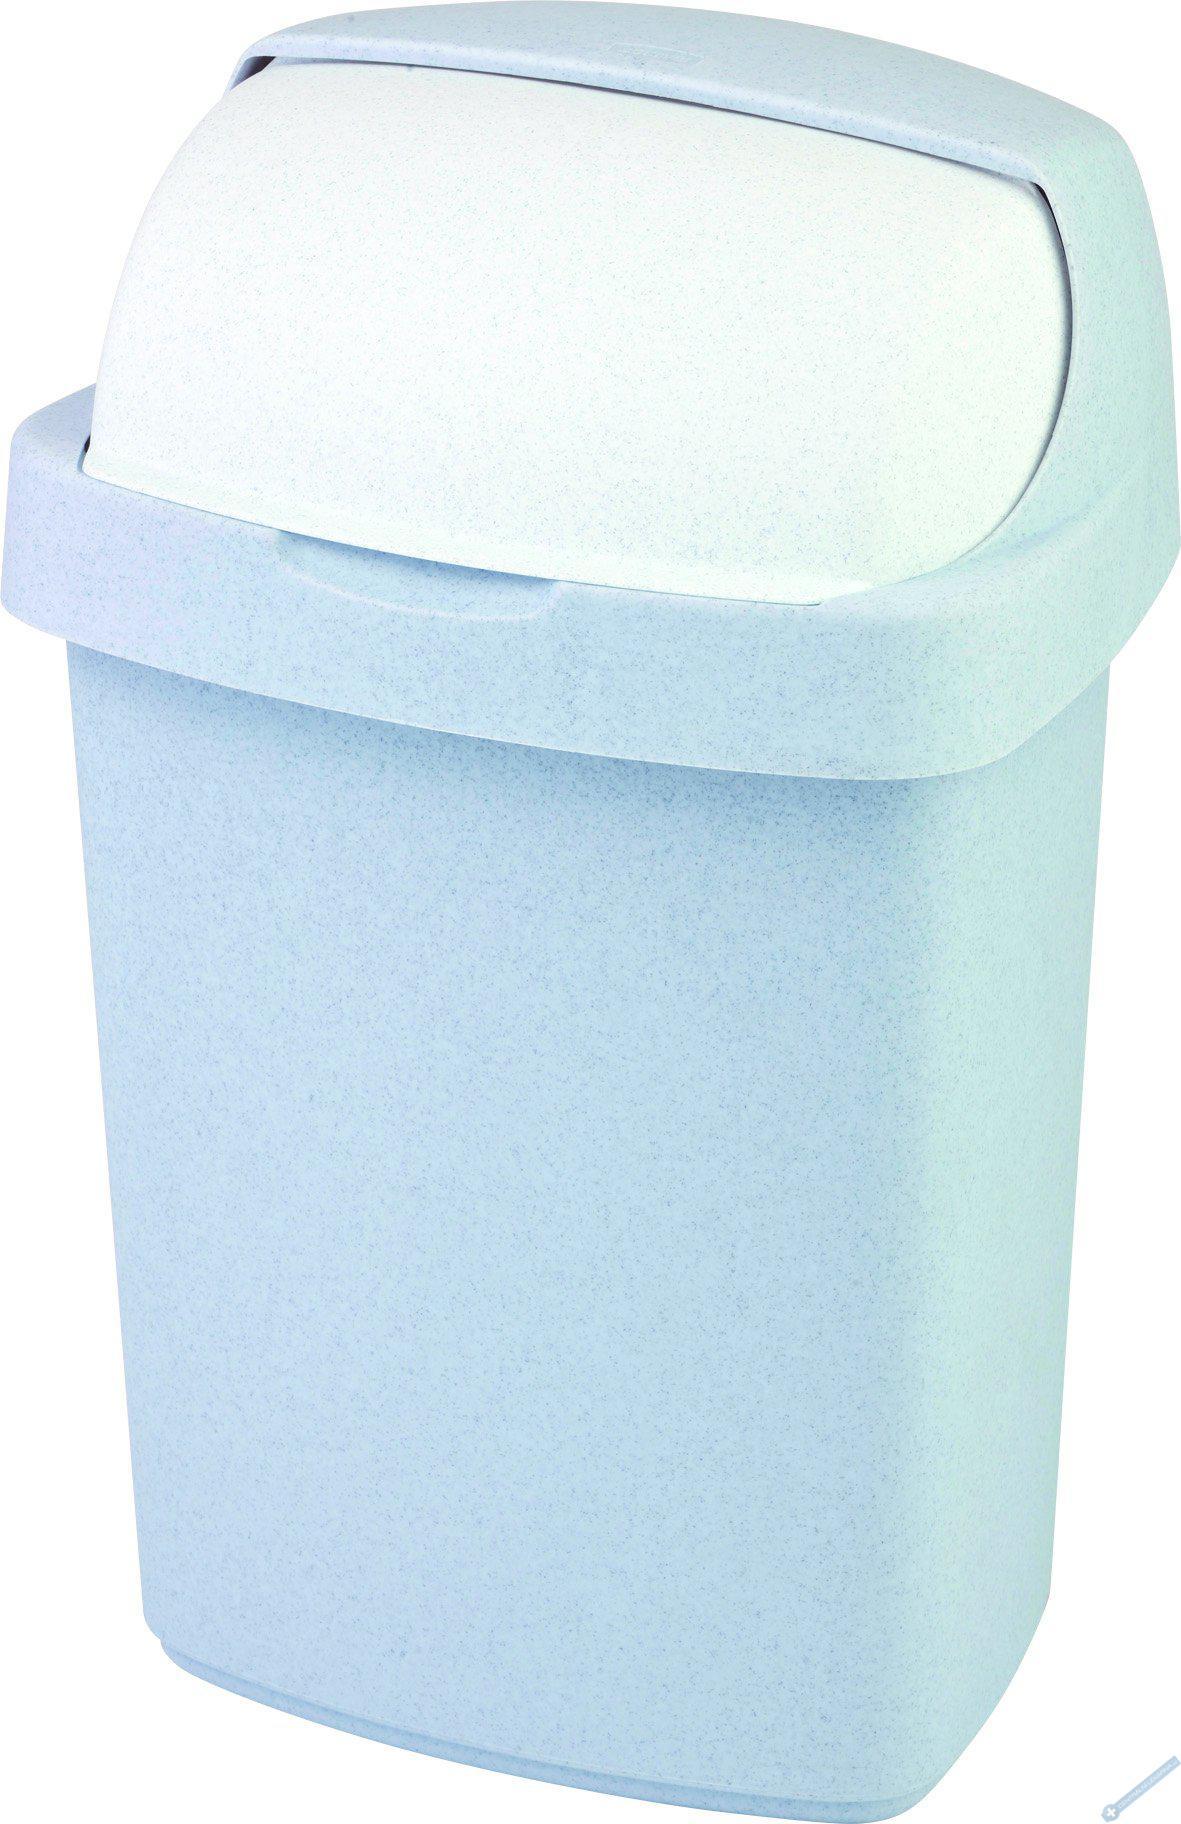 Odpadkový koš ROLL TOP 25l šedý